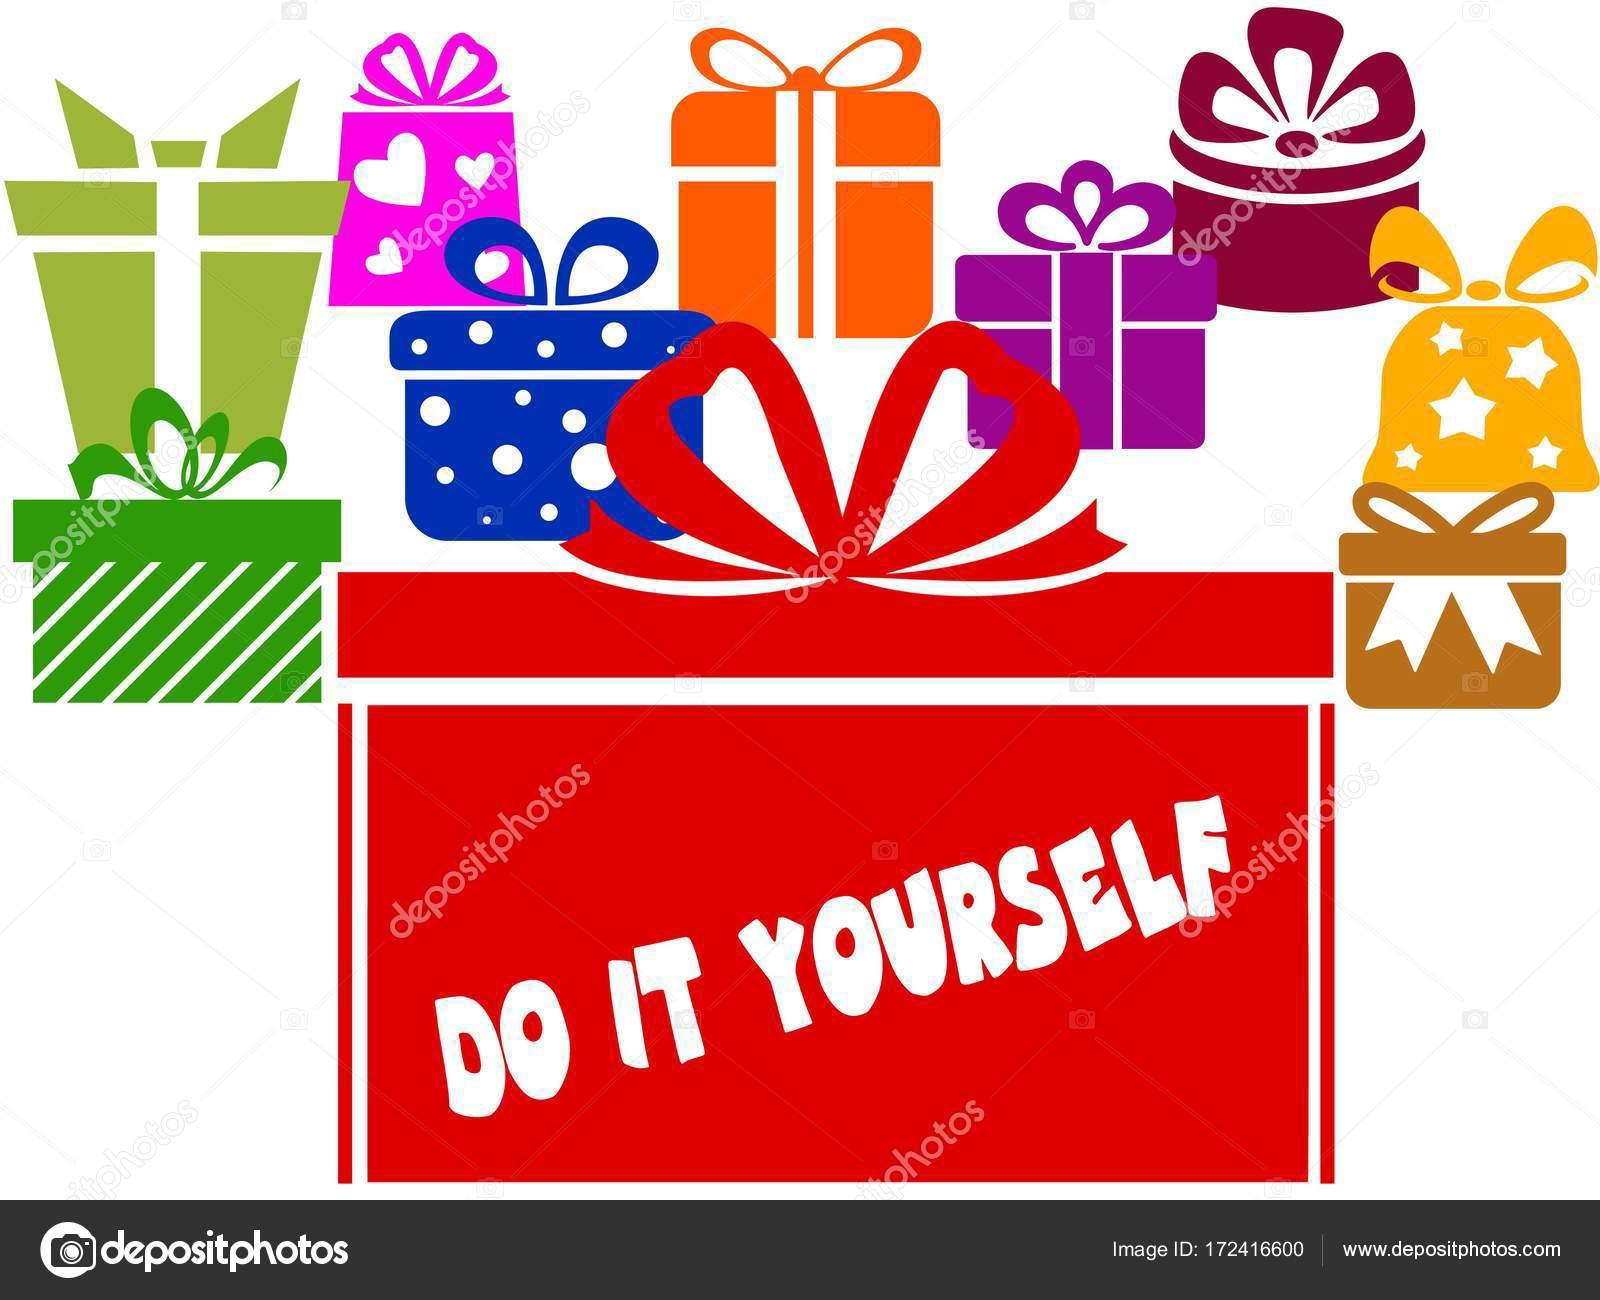 Cajas de regalo con el texto do it yourself fotos de stock cajas de regalo con el texto do it yourself fotos de stock solutioingenieria Image collections